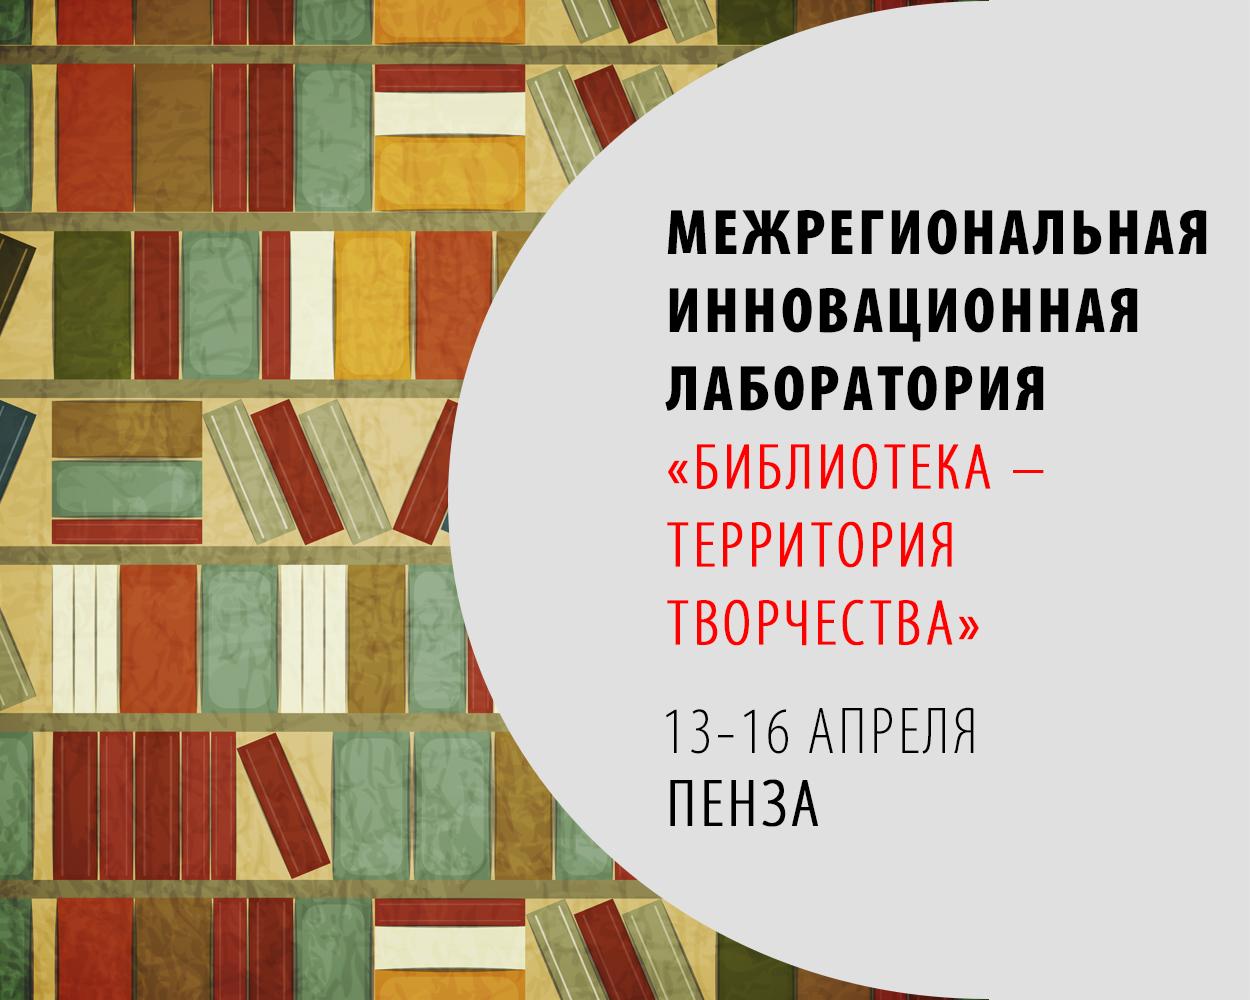 """Статья: """"XIV Межрегиональная инновационная лаборатория «Библиотека – территория творчества»"""" - Издательство «Детская литература»"""